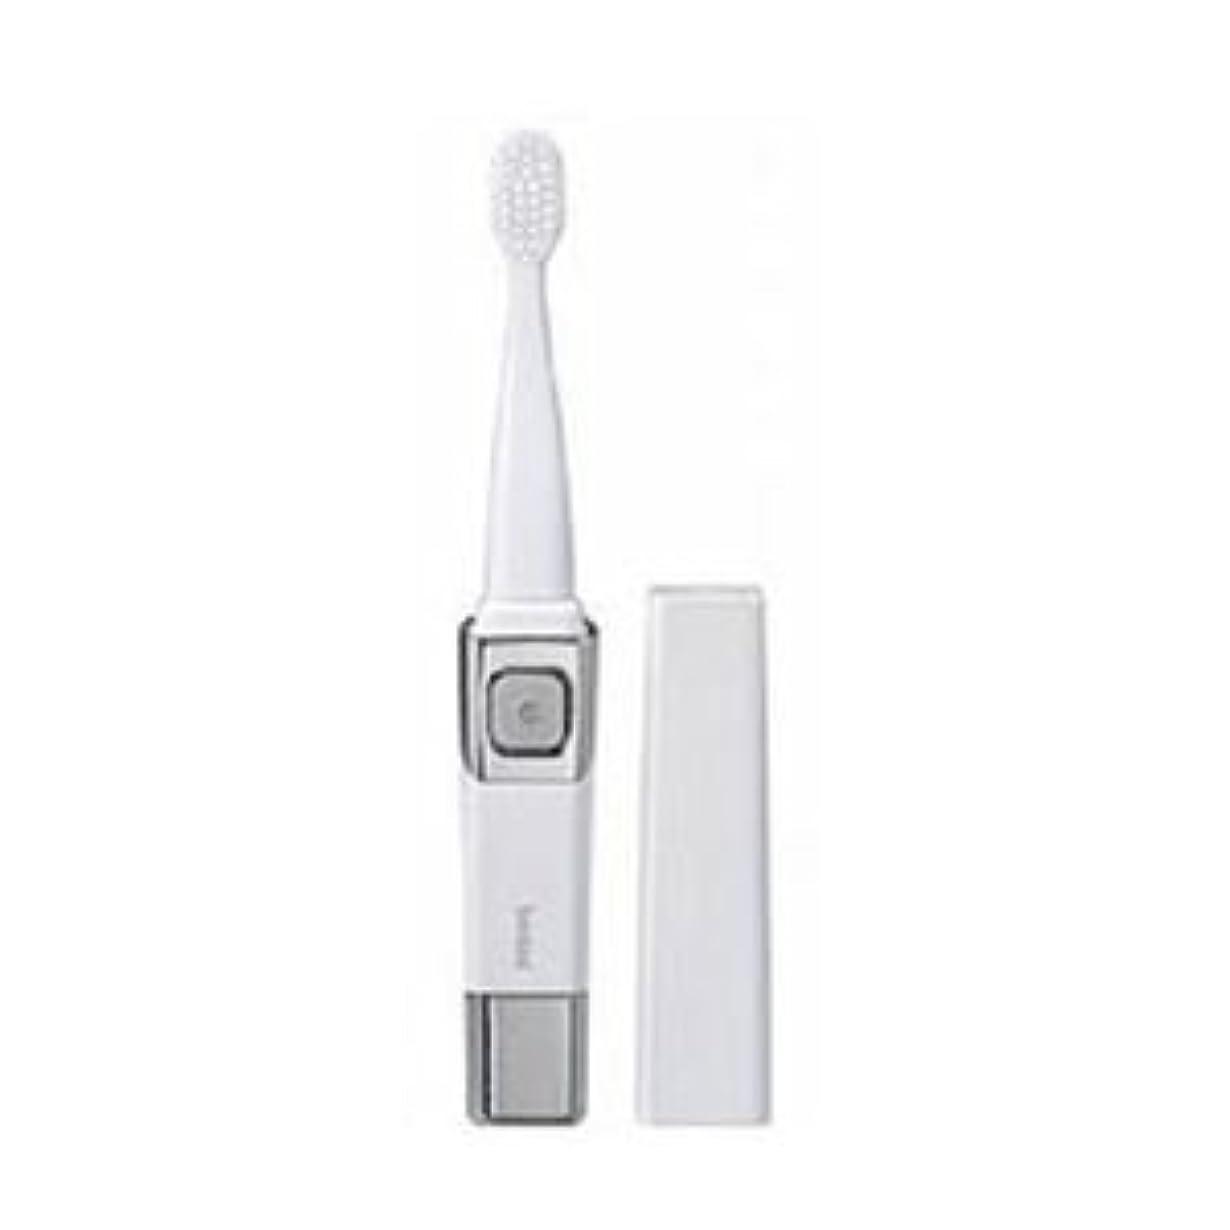 ふさわしい溝第五(まとめ)ツインバード 音波振動歯ブラシ パールホワイト BD-2755PW【×3セット】